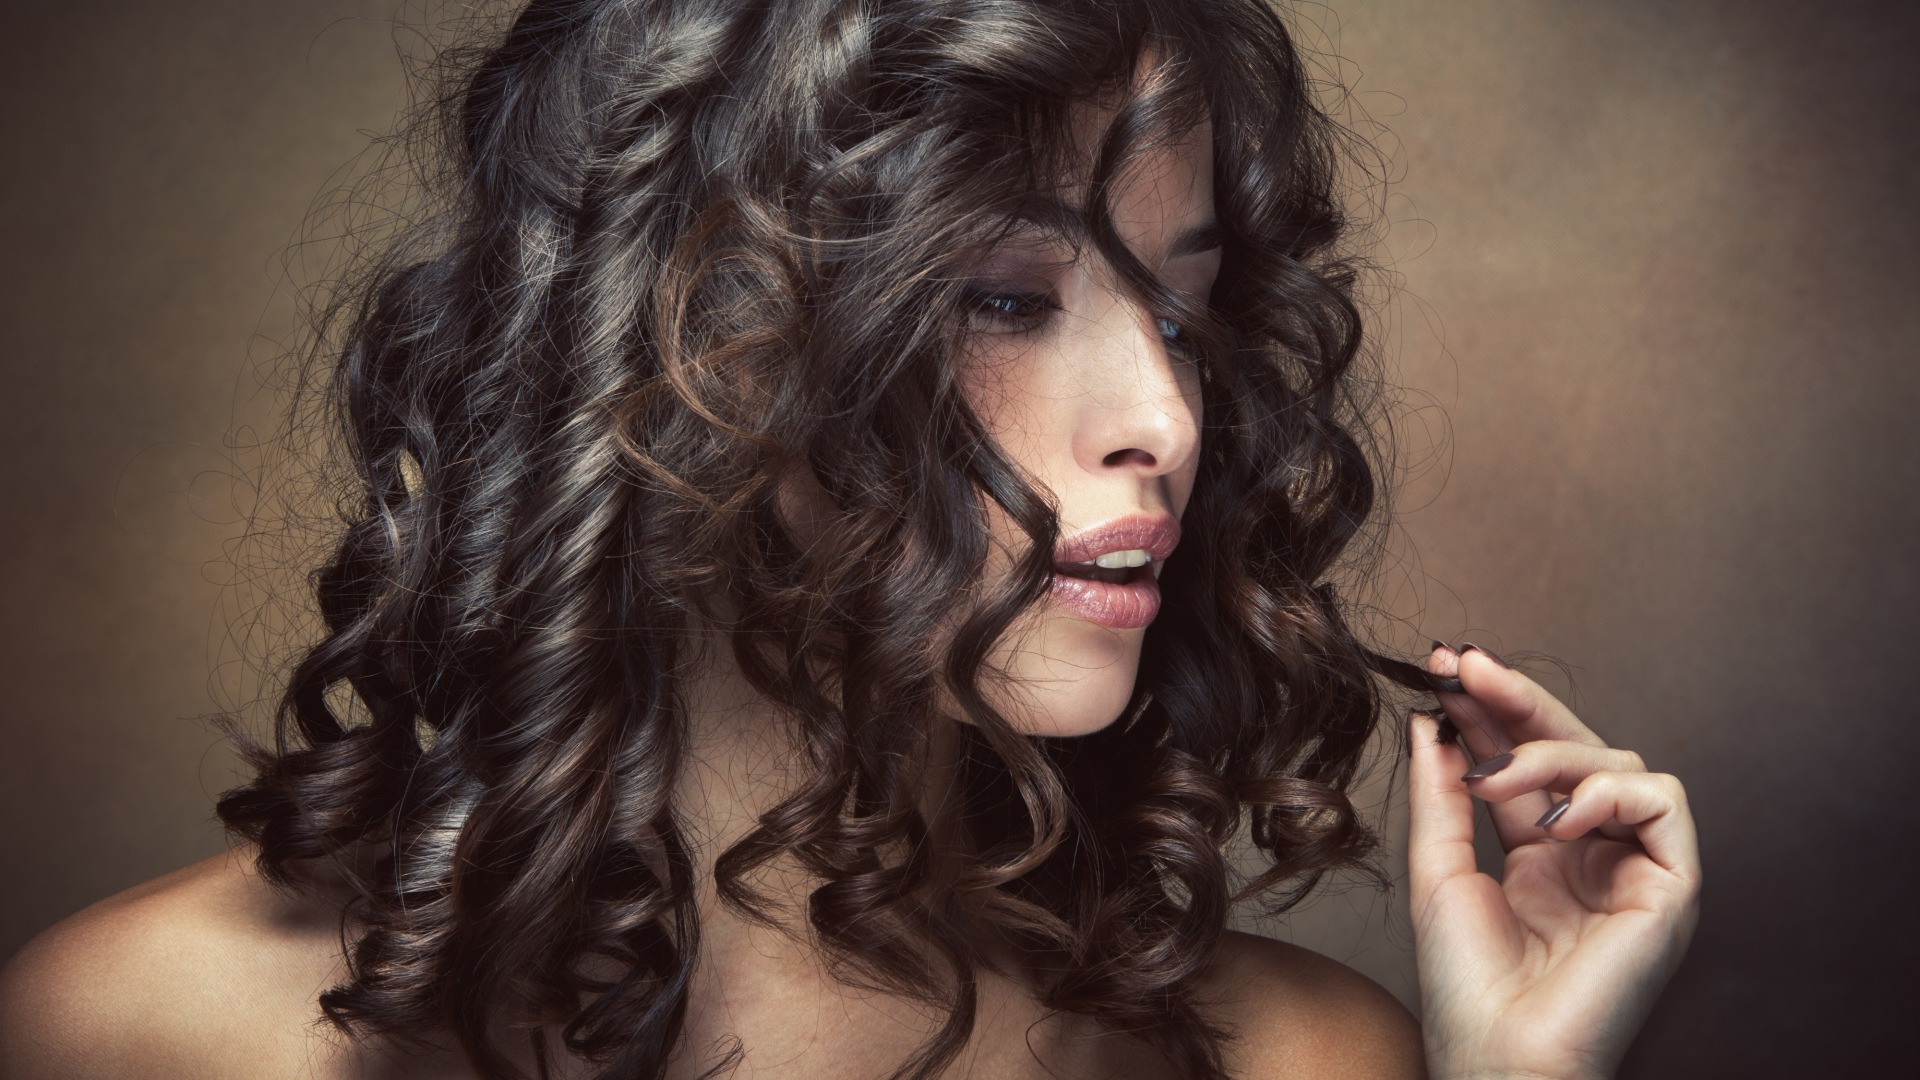 Девушка с темными, кудрявыми волосами